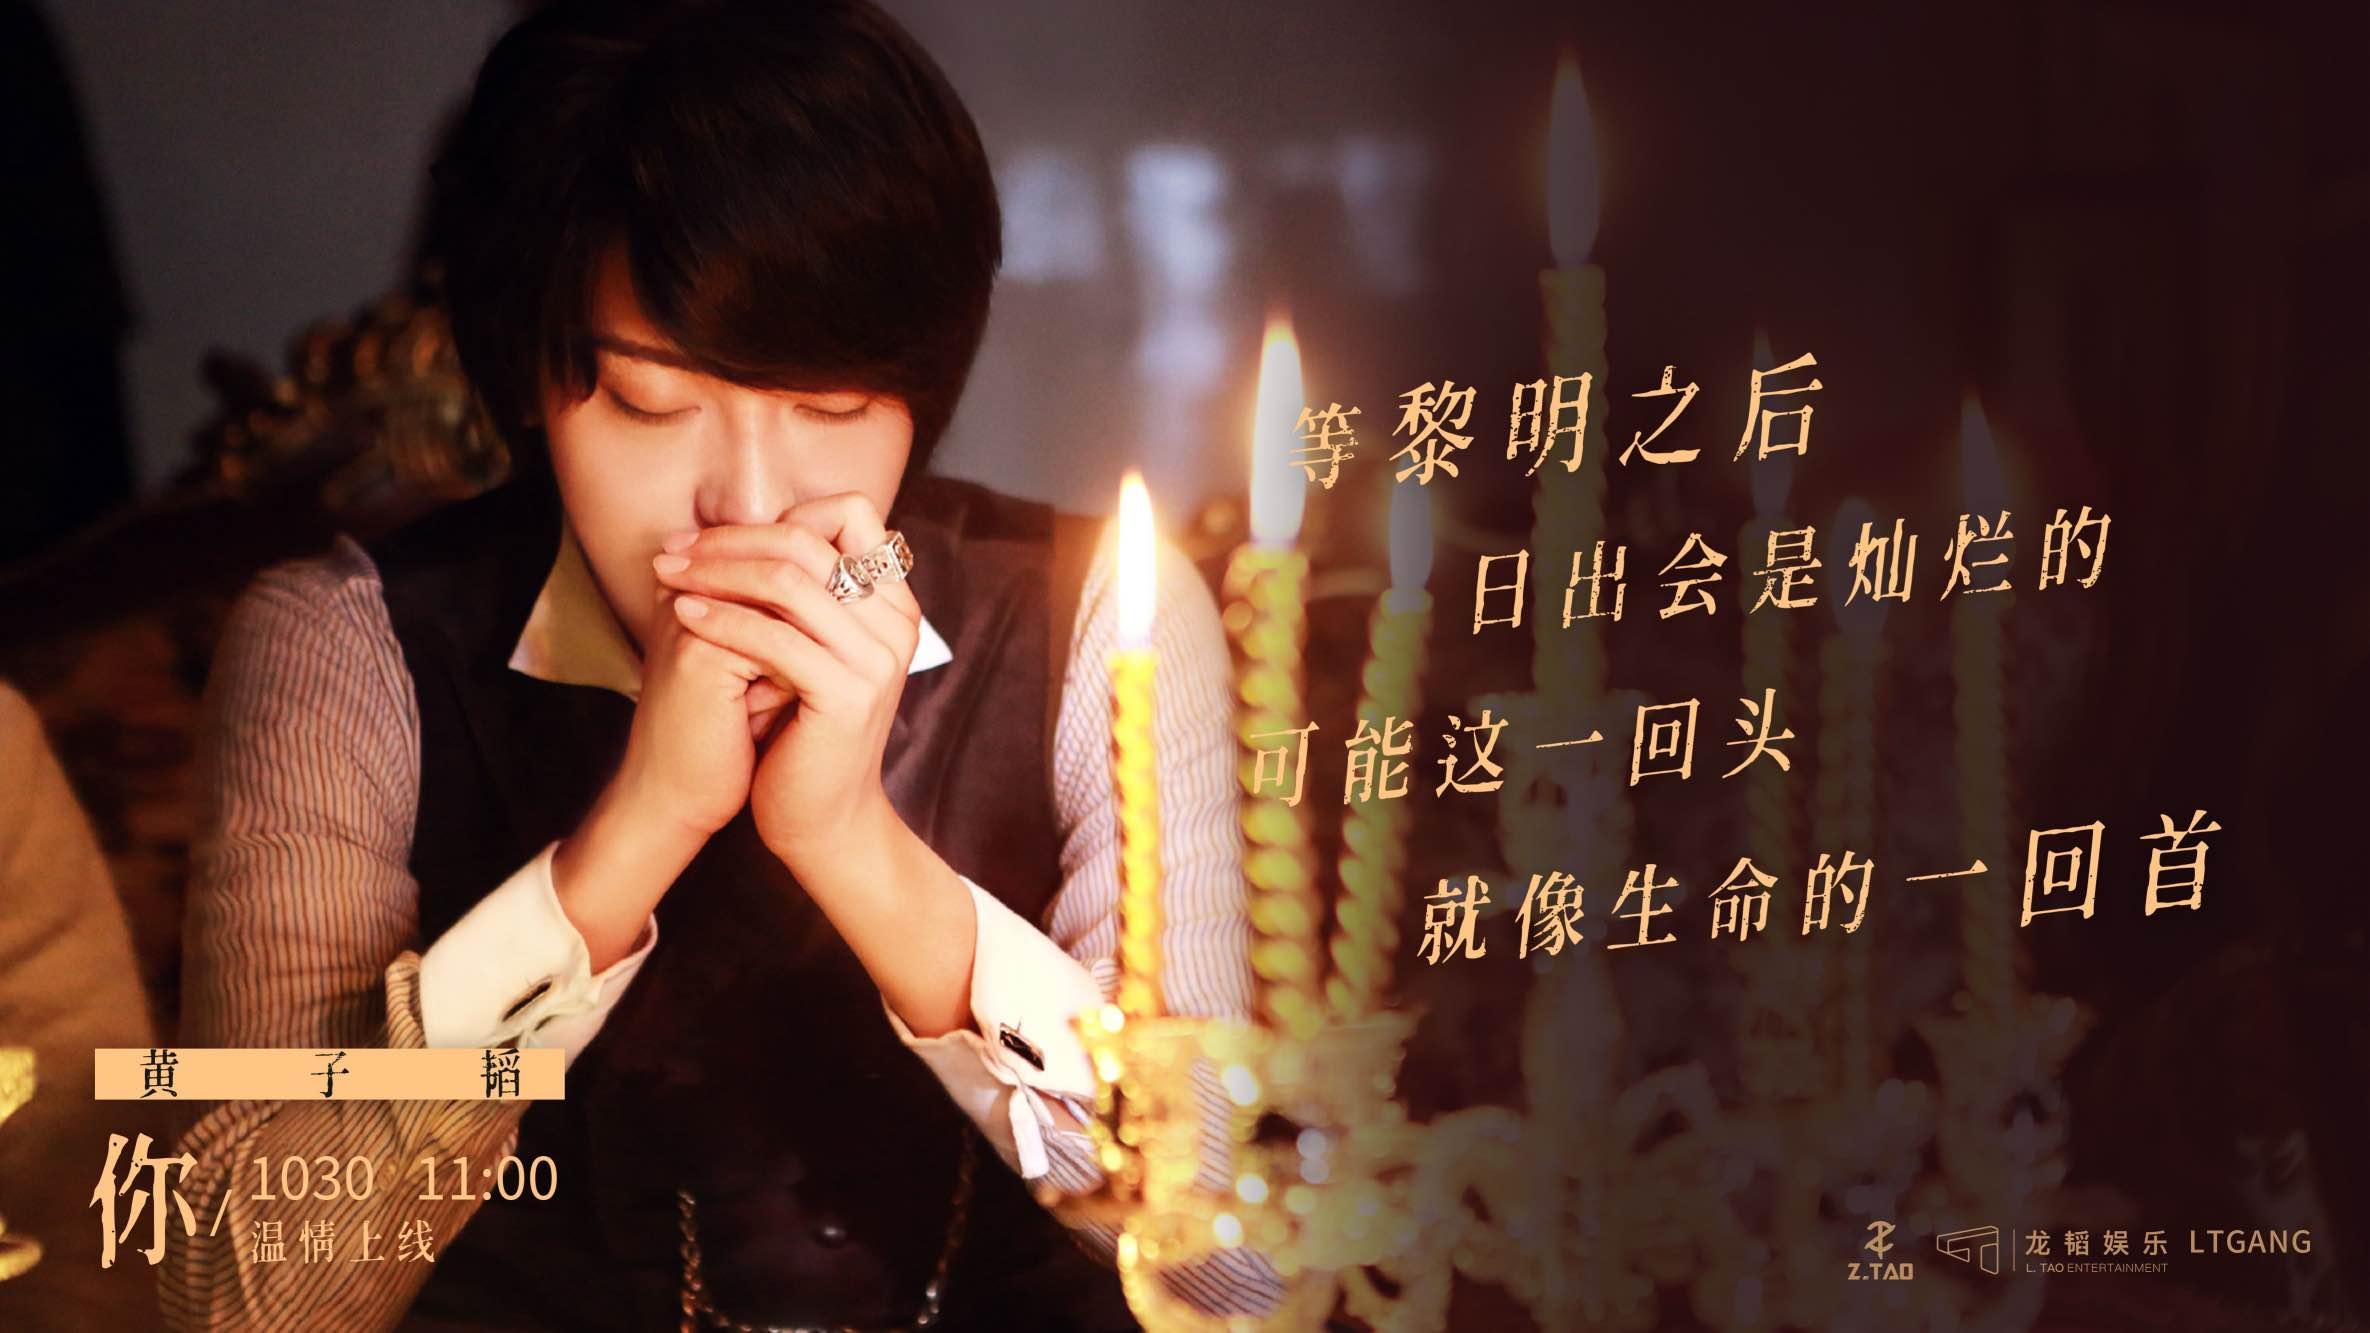 黄子韬版单曲《你》明日上线 歌词海报引发温情回忆